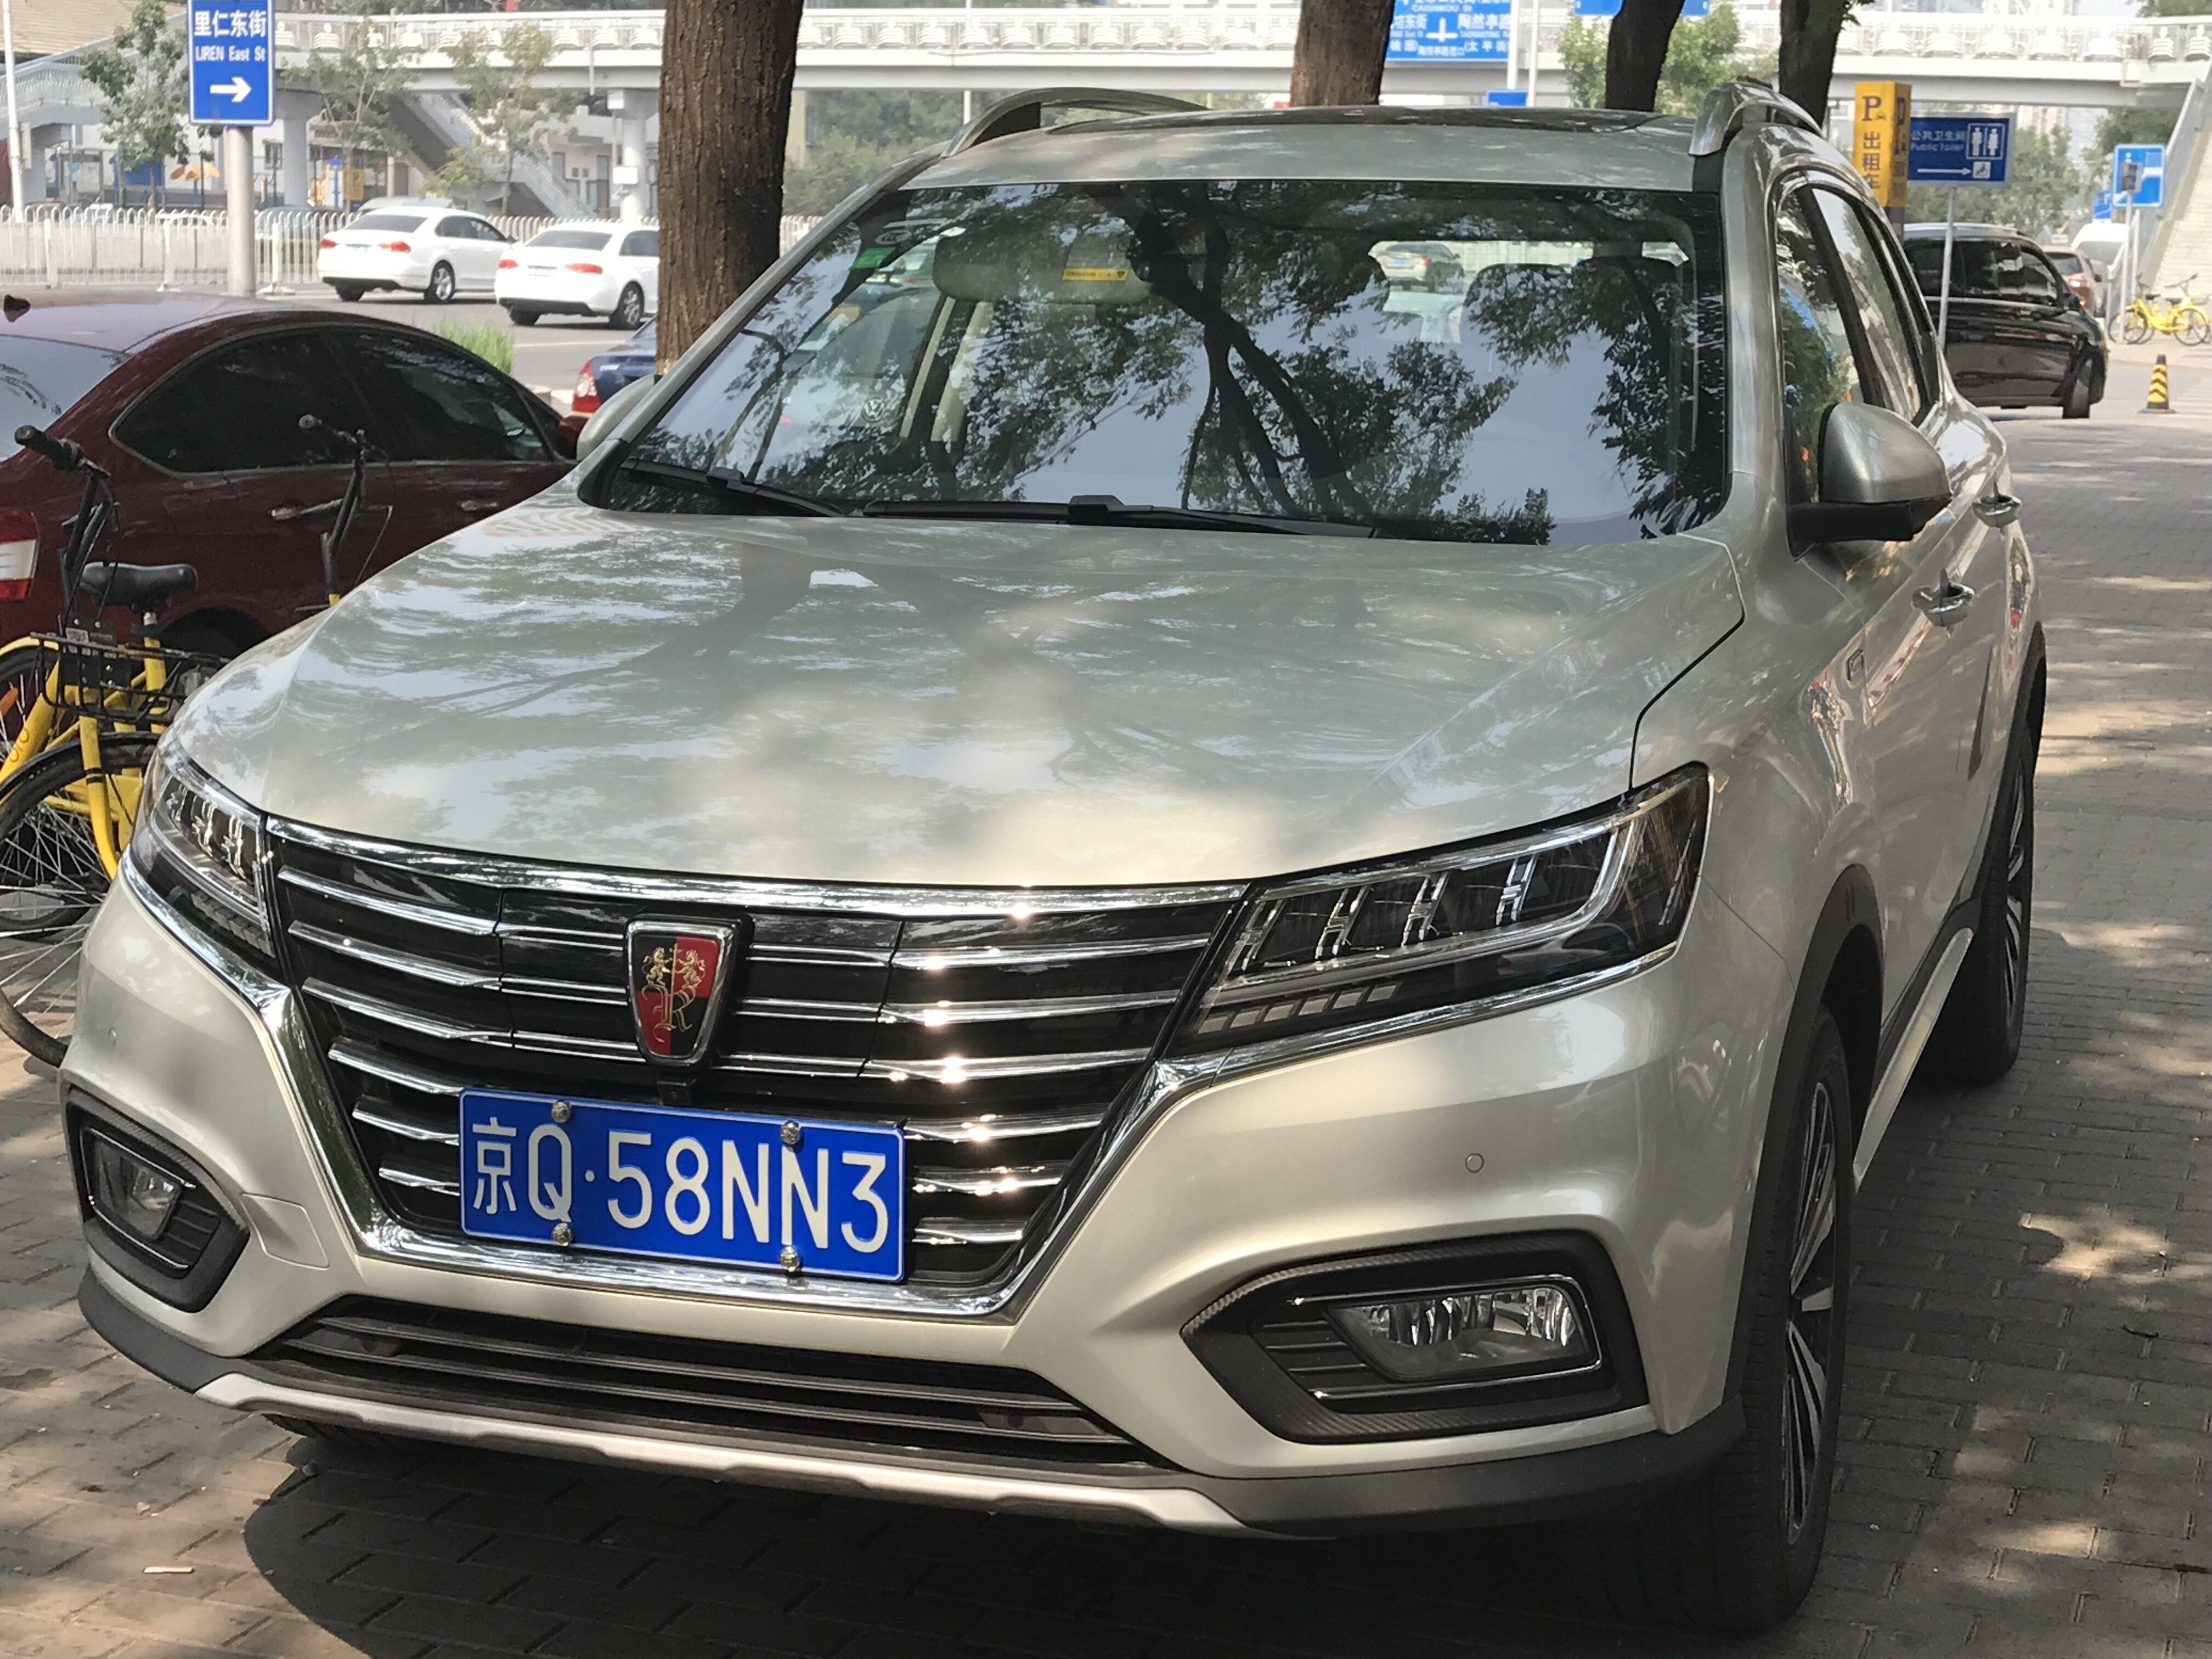 申请北京新能源车单位和个人指标已达372250个